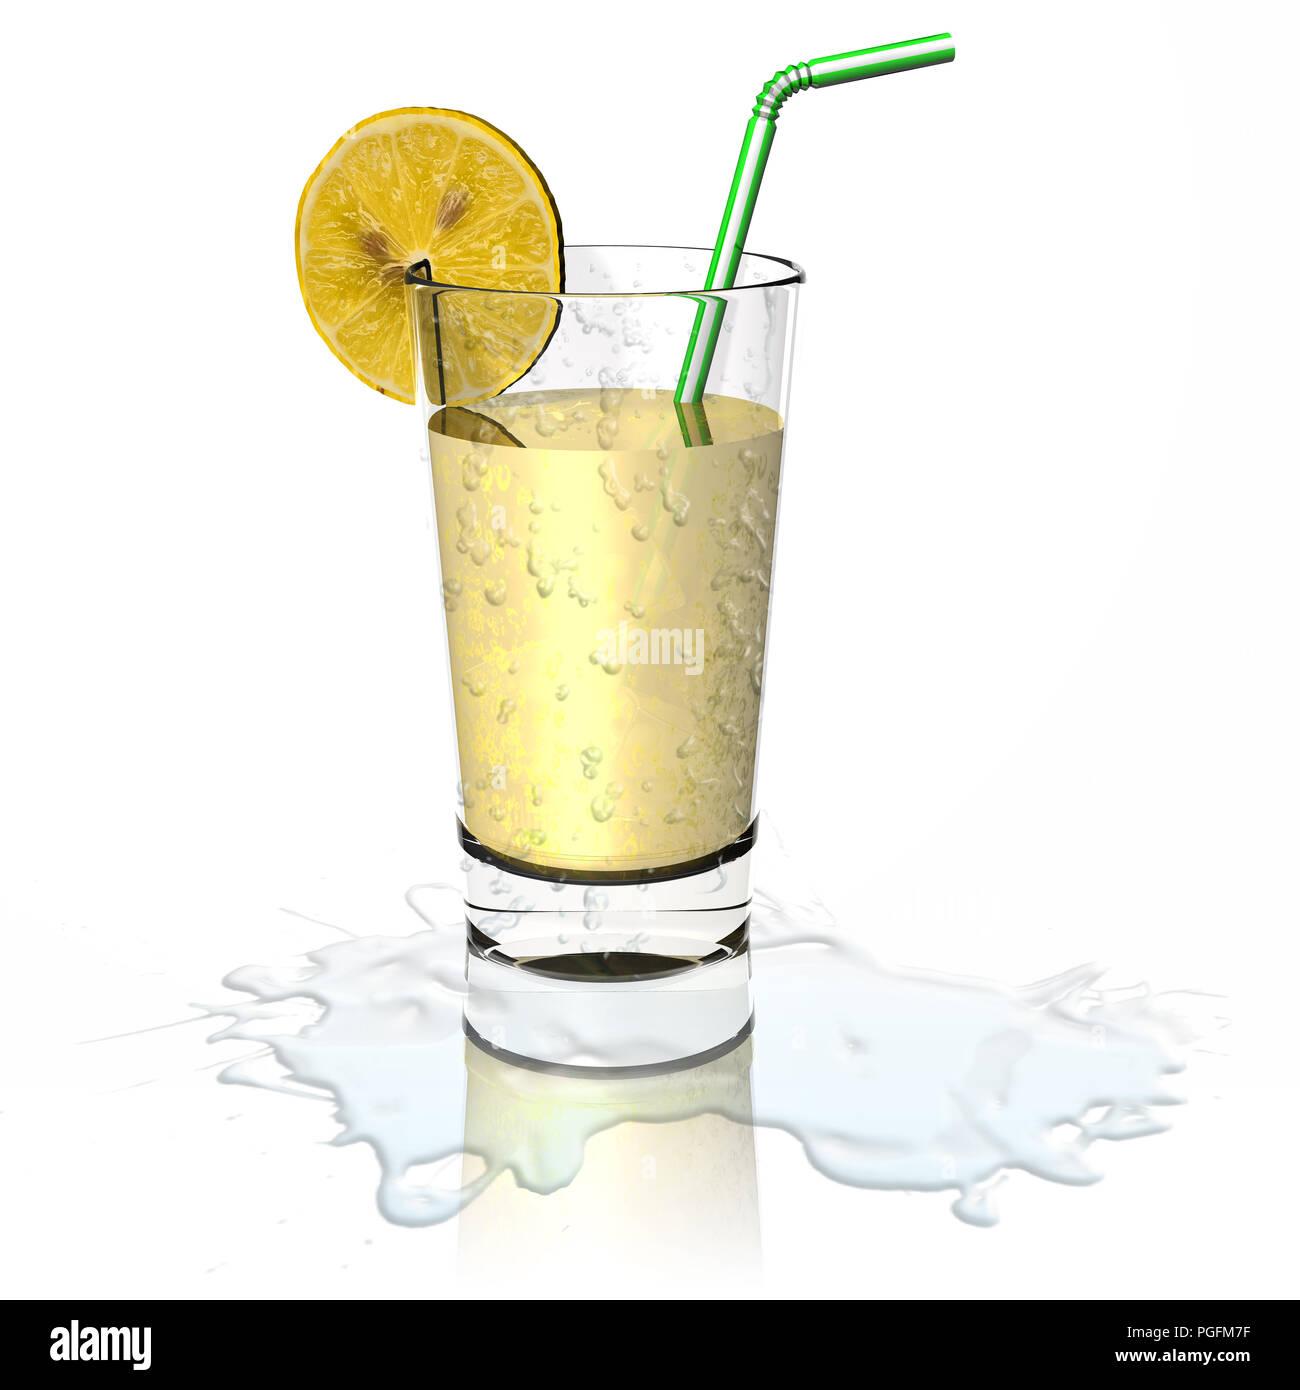 3D illustration.Glass of fresh and refreshing lemonade. - Stock Image